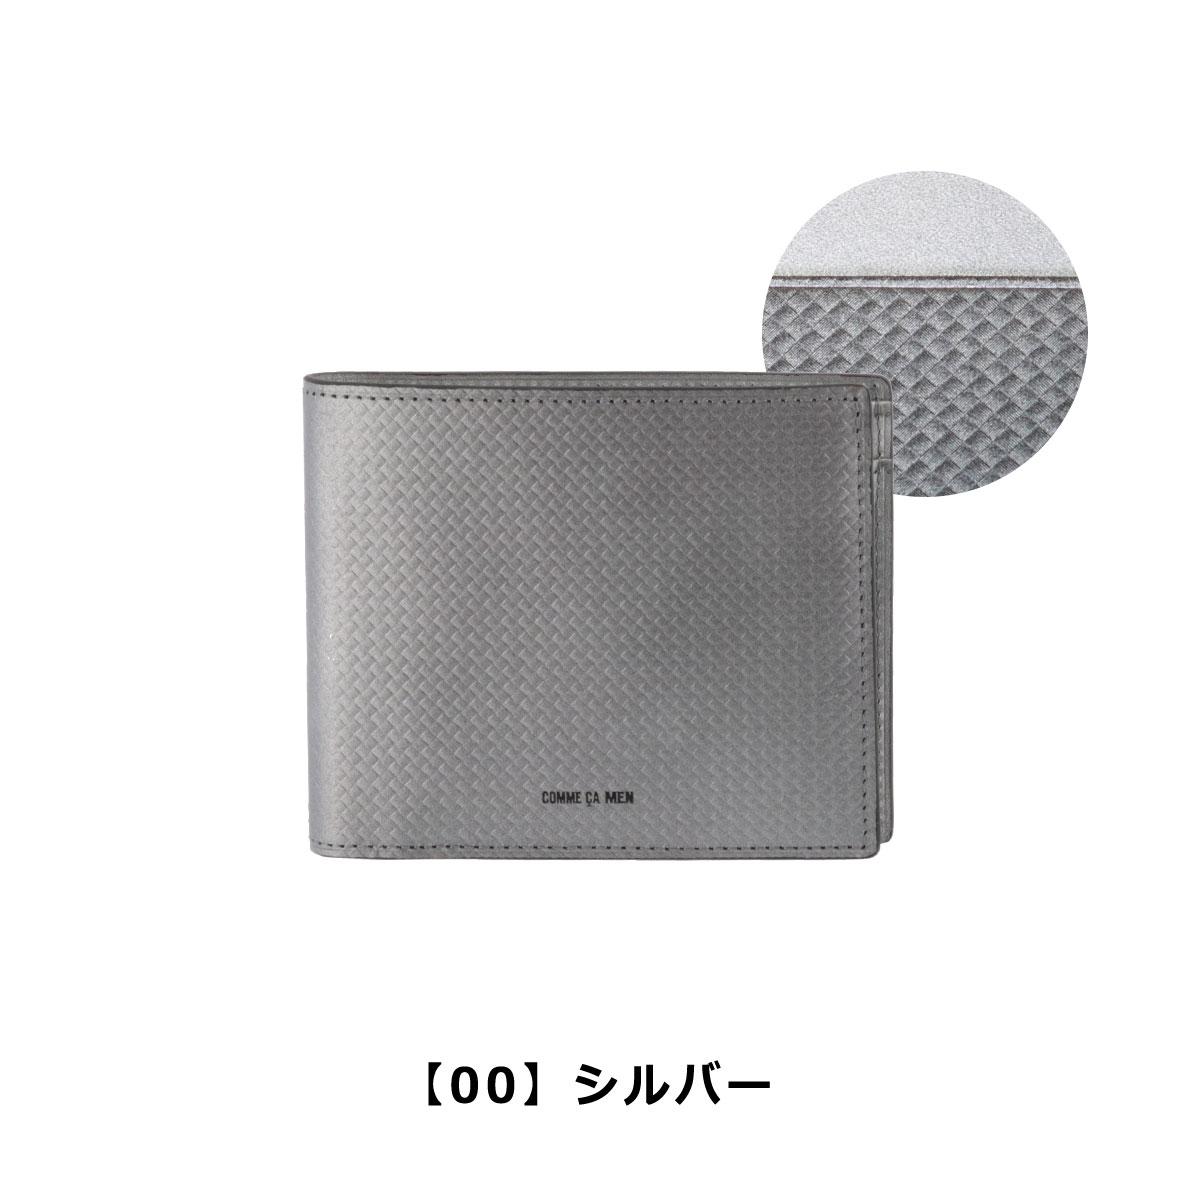 【00】シルバー